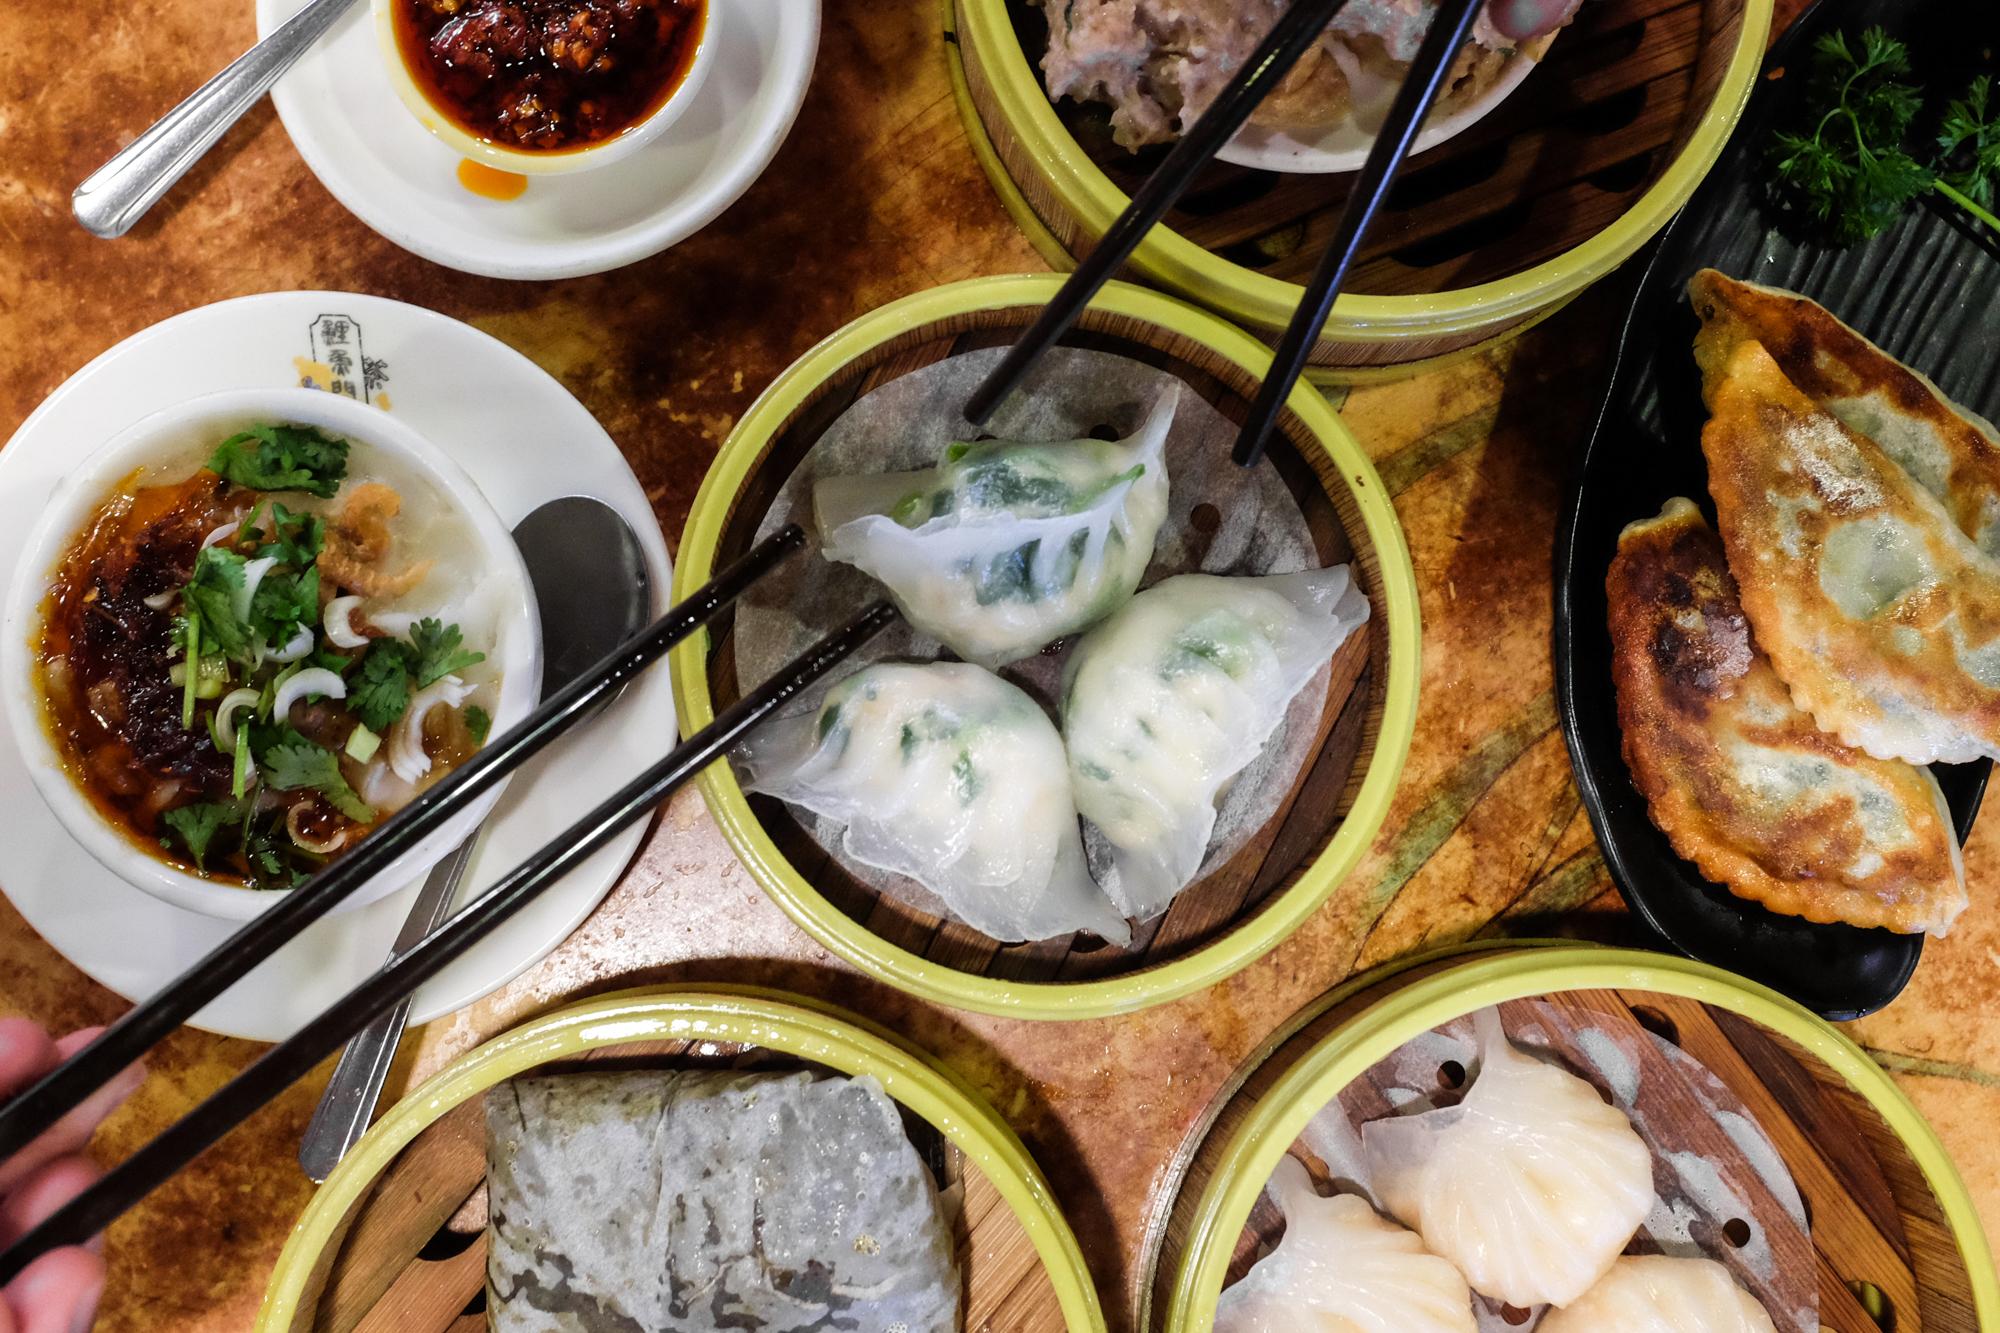 Koi Palace, Atelier Crenn Join Eater's Best Restaurants in America